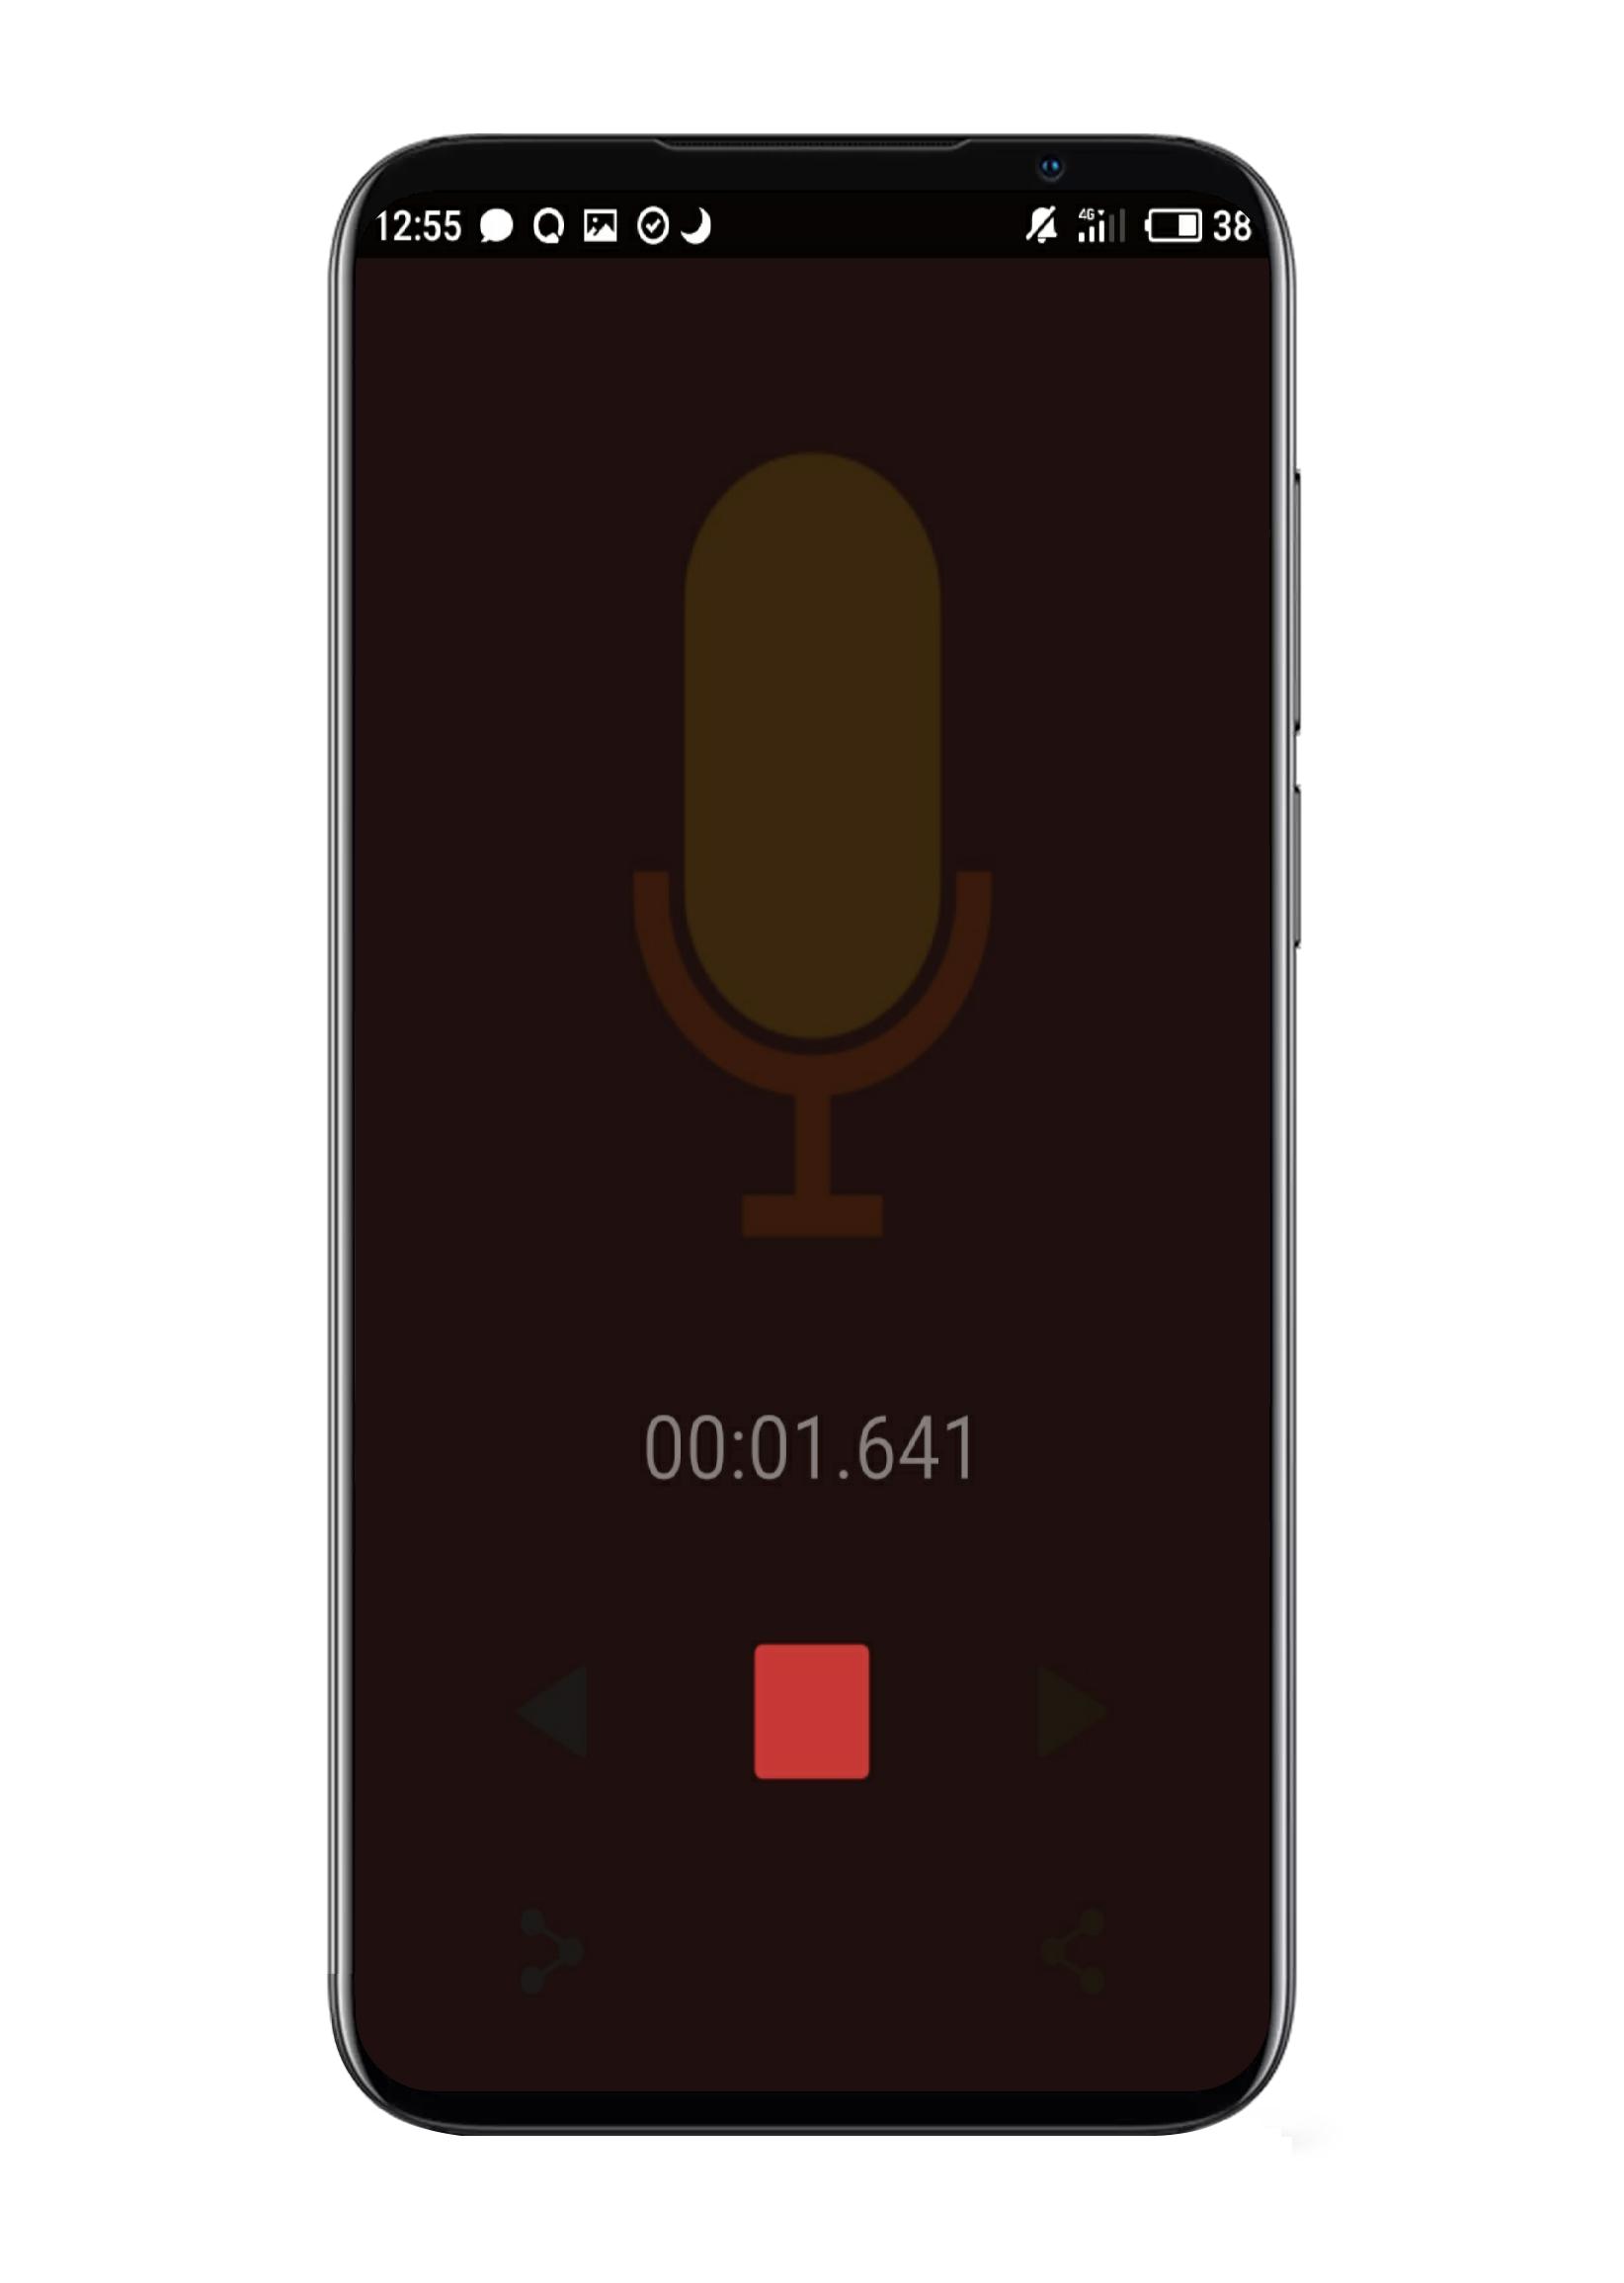 【分享】ReSpeak 1.0.170116.0 (8)